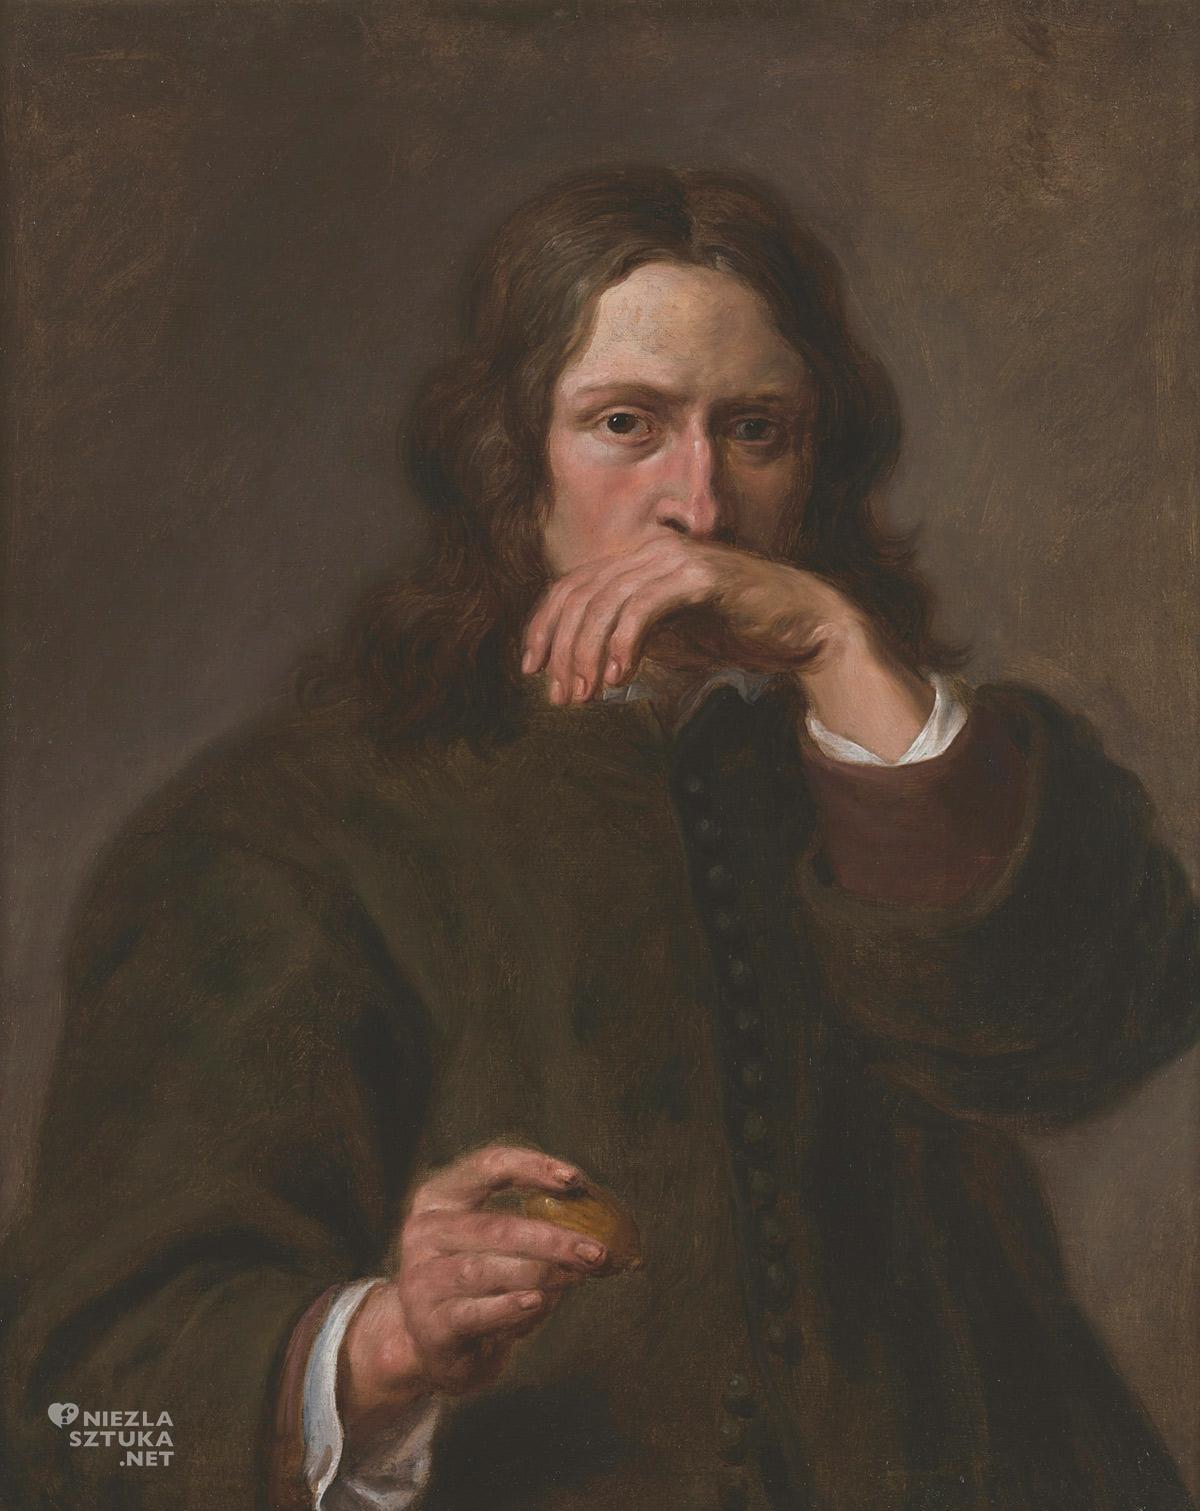 Gonzales Coques, Pięć zmysłów, alegoria zmysłów, malarstwo, zmysły w sztuce, niezła sztuka